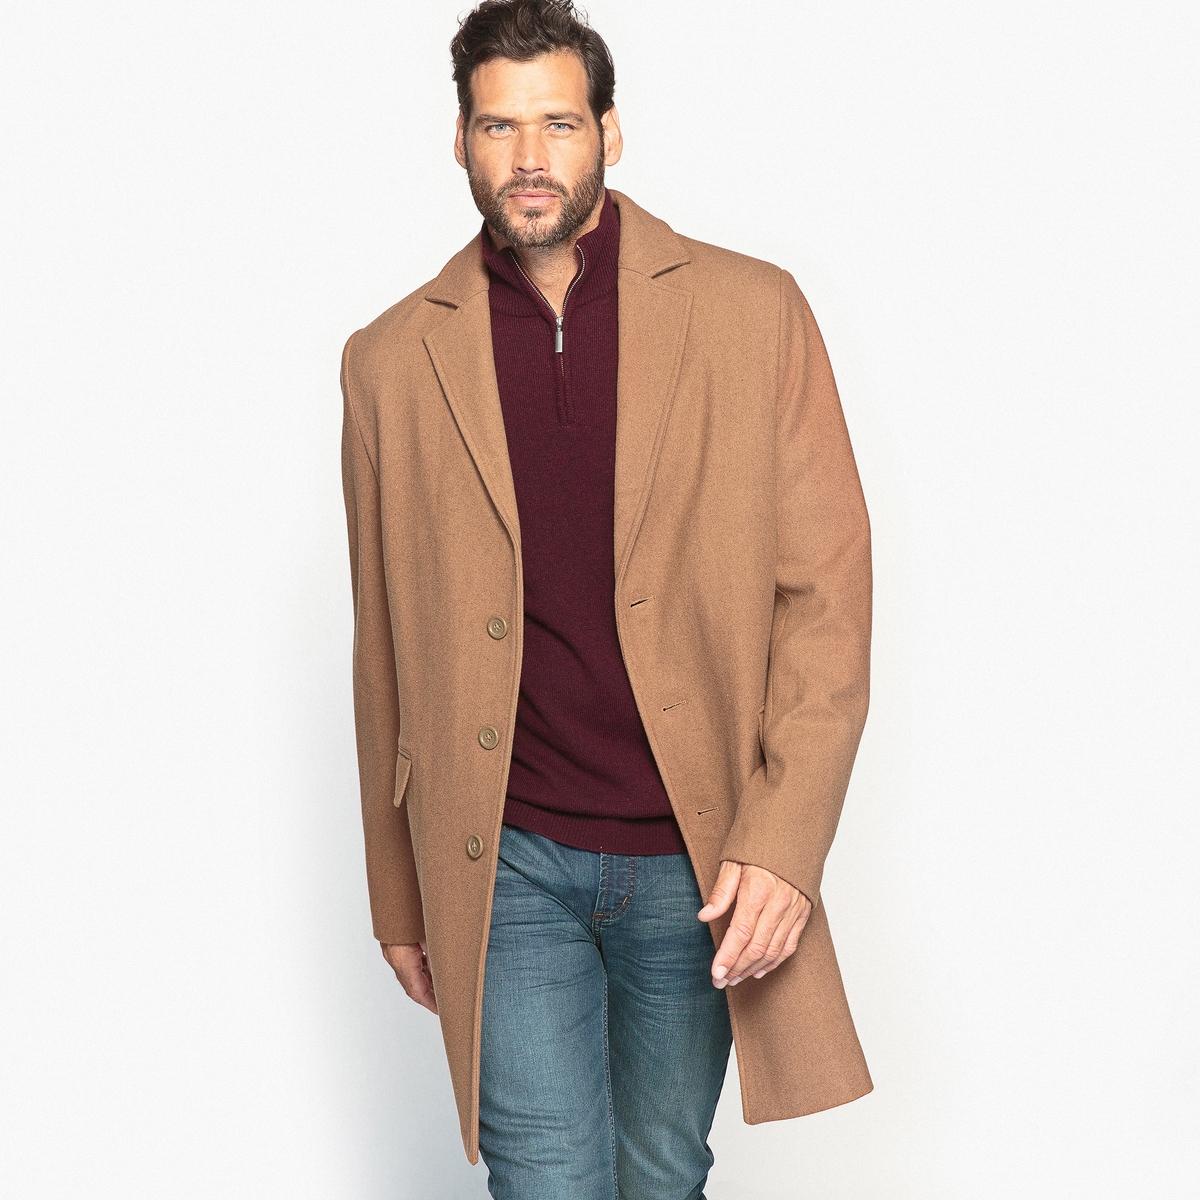 Пальто из шерстяного драпа длиной 3/4Изящное пальто из шерстяного драпа отлично смотрится с пуловером и джинсами. Это пальто - неотъемлемый предмет мужского гардероба.Детали •  Длина : удлиненная модель •  Воротник-поло, рубашечный • Застежка на пуговицыСостав и уход •  2% вискозы, 63% шерсти, 4% полиамида, 31% полиэстера • Не стирать •  Допускается чистка любыми растворителями / отбеливание запрещено •  Не использовать барабанную сушку •  Не гладитьТовар из коллекции больших размеров •  2 накладных кармана с клапанами •  2 внутренних кармана на молниях<br><br>Цвет: темно-бежевый<br>Размер: 66.64.62.56.52